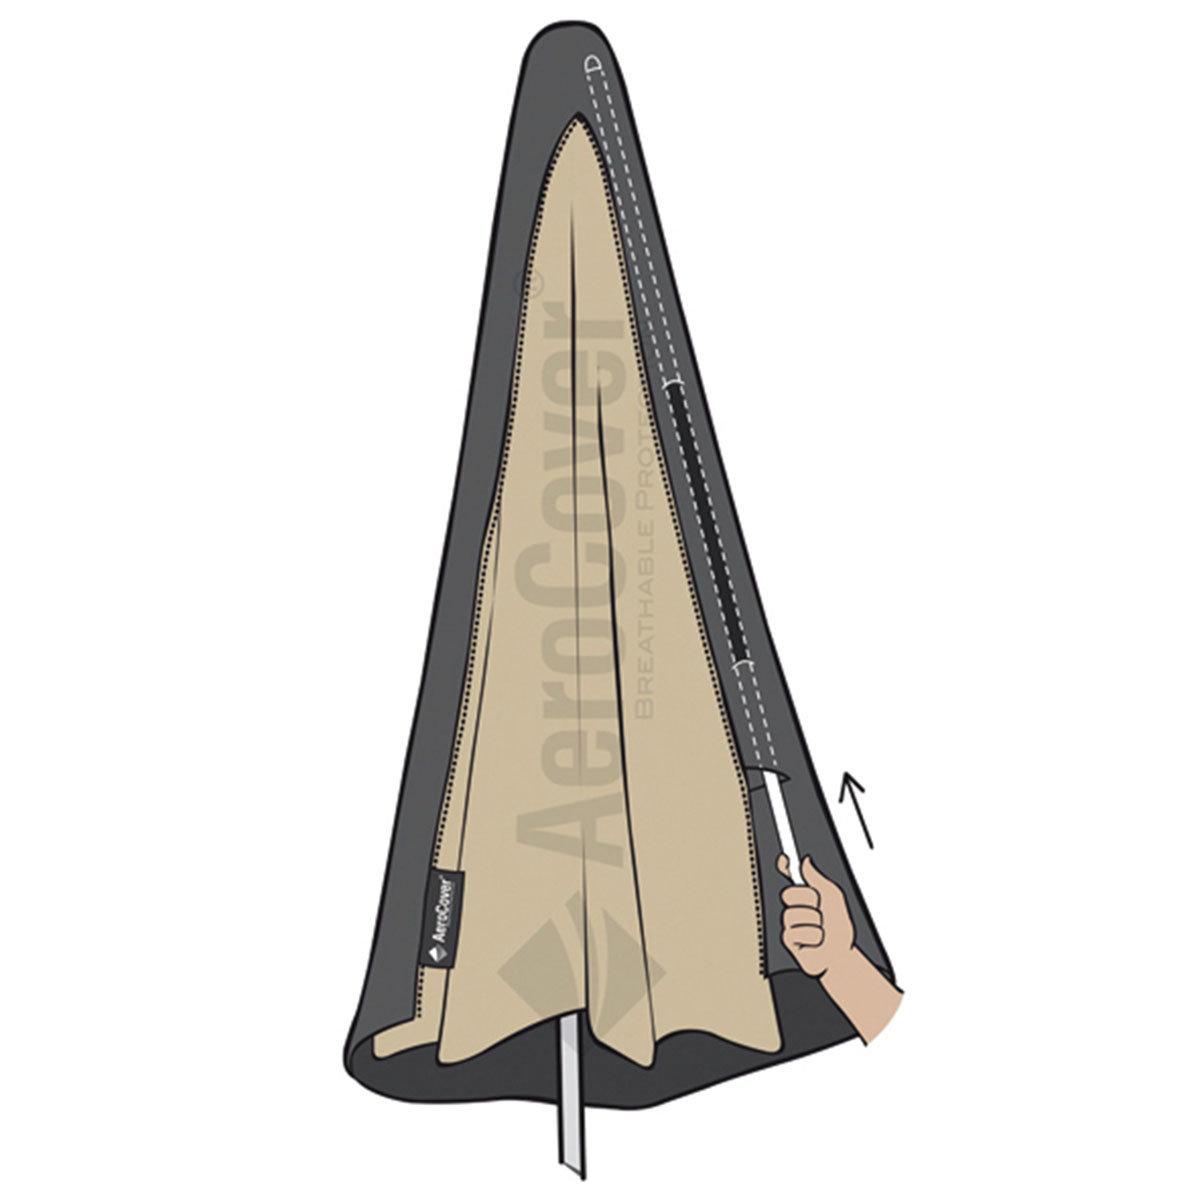 Schutzhülle AeroCover für Stockschirme bis Ø 4 m   #2